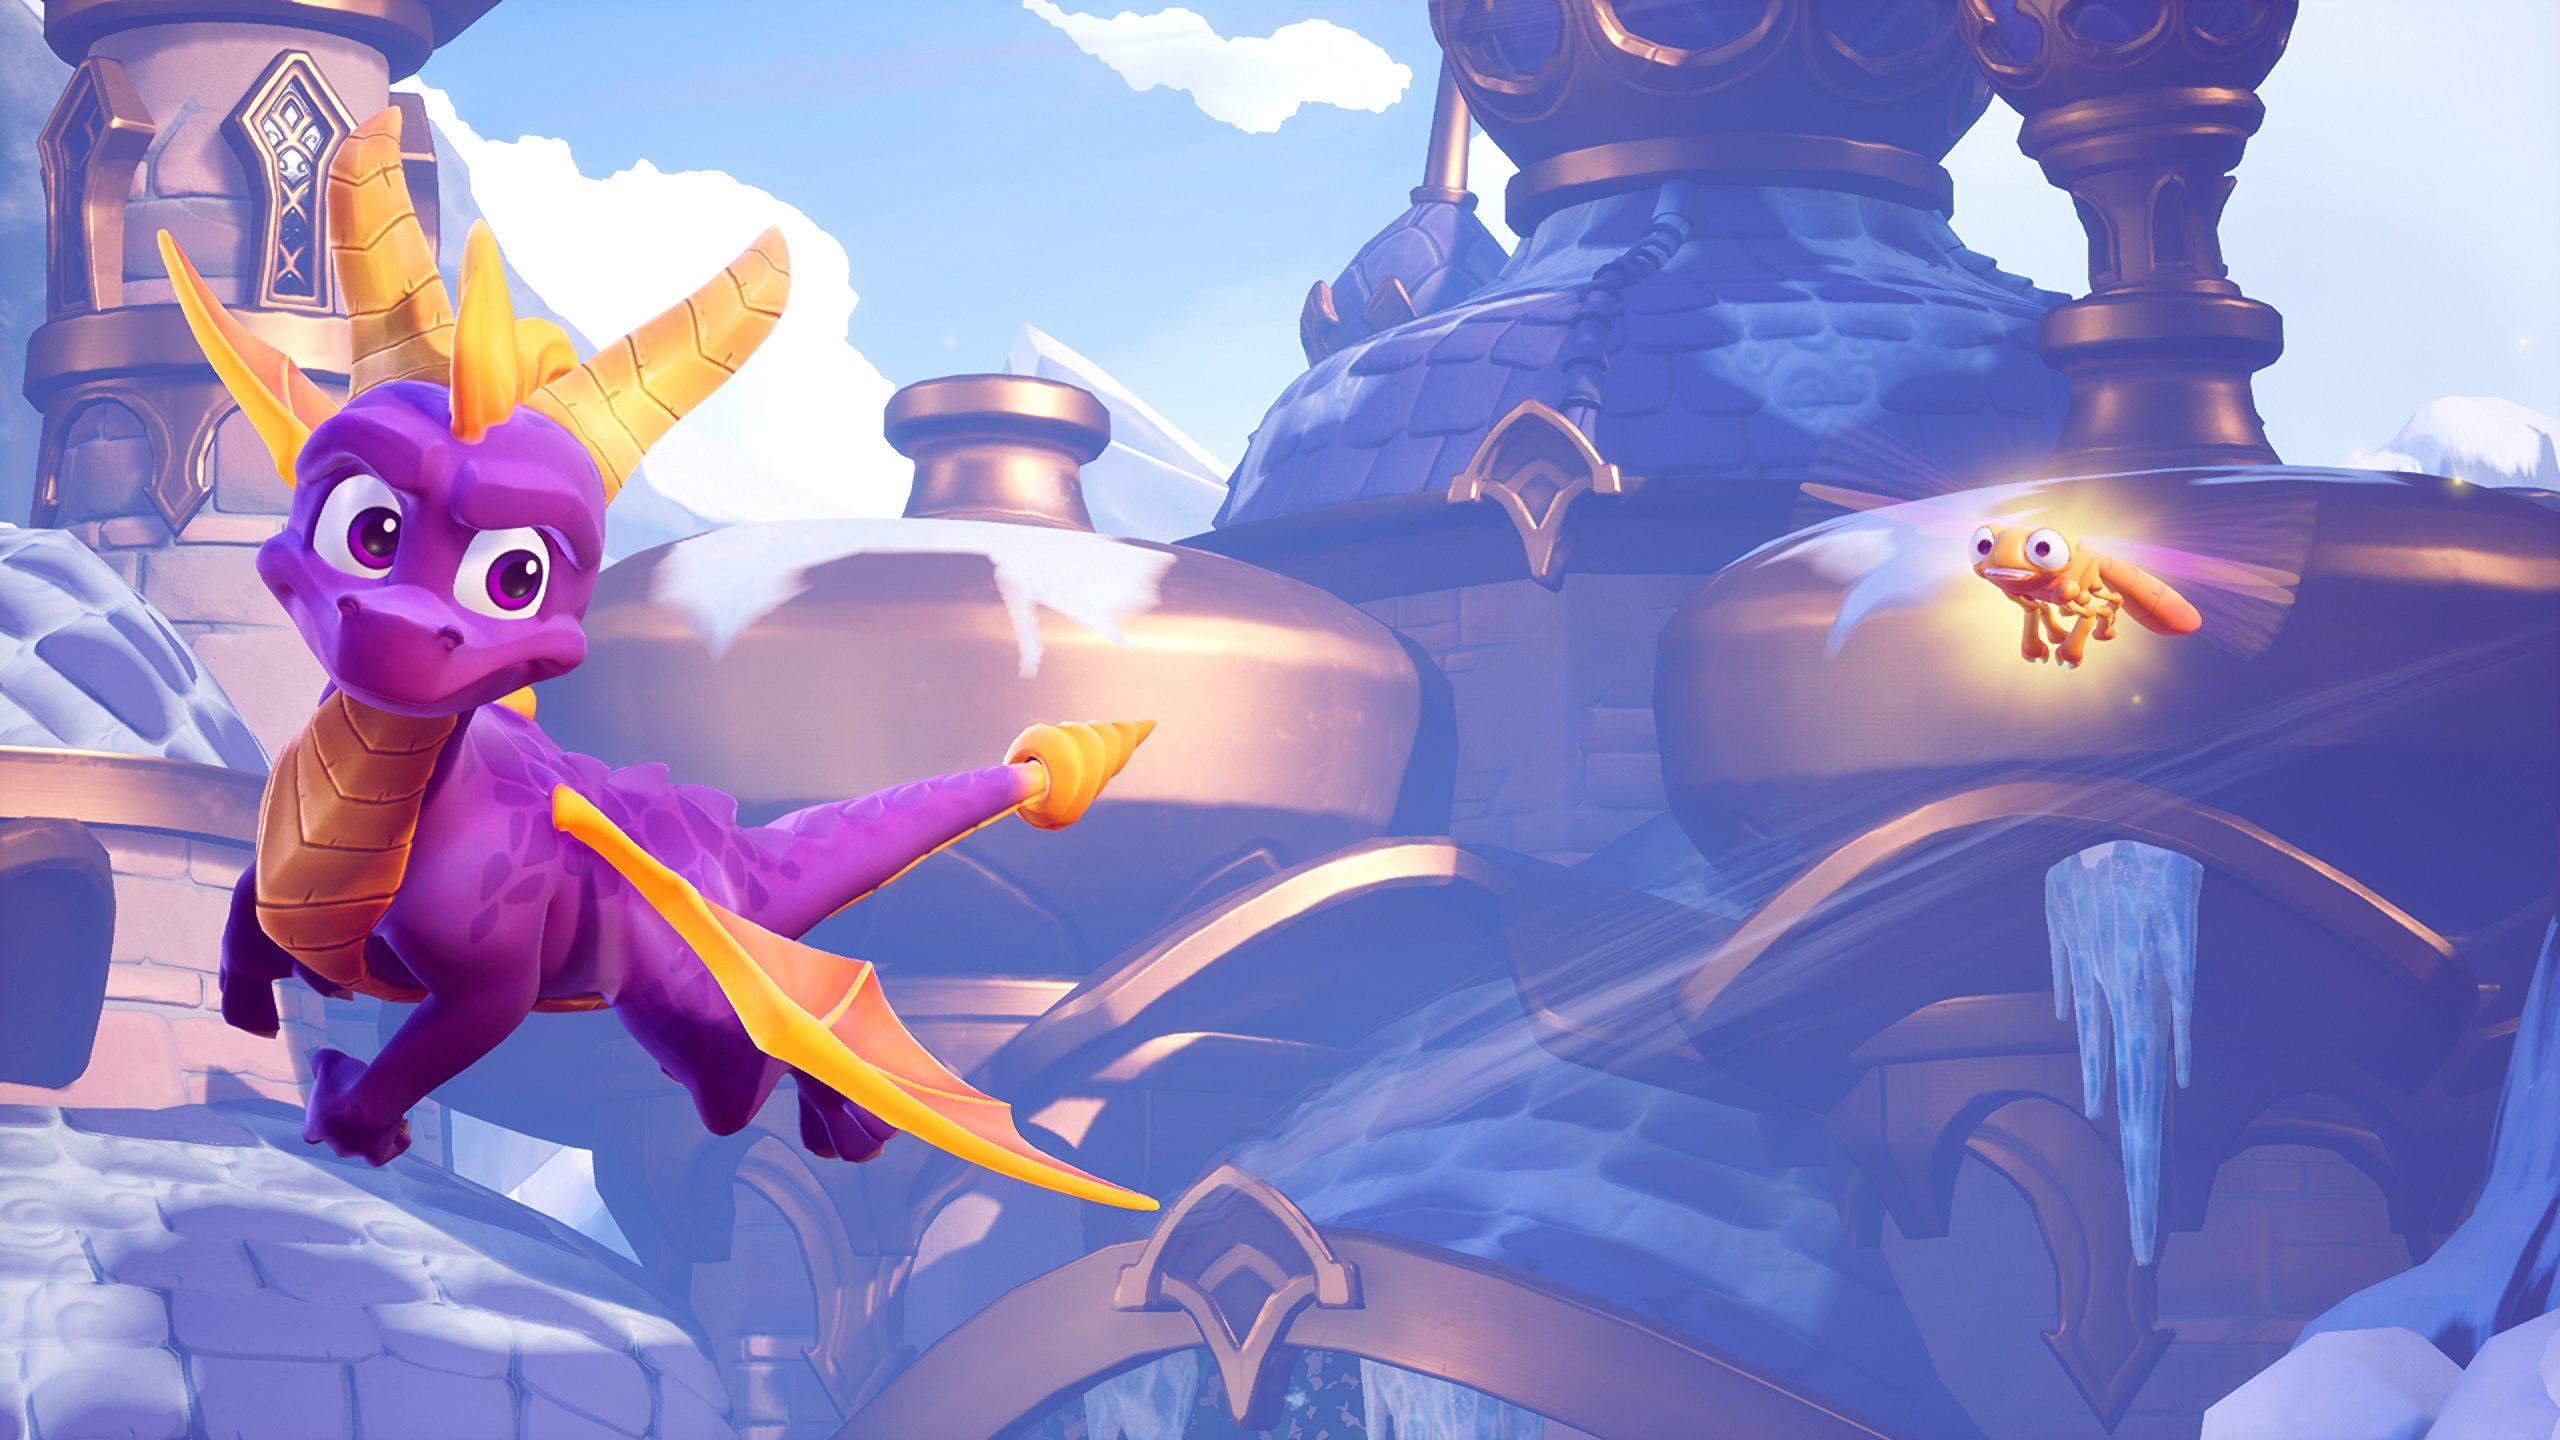 Spyro_Reignited_Trilogy_La_vida_es_un_videojuego_blog_9